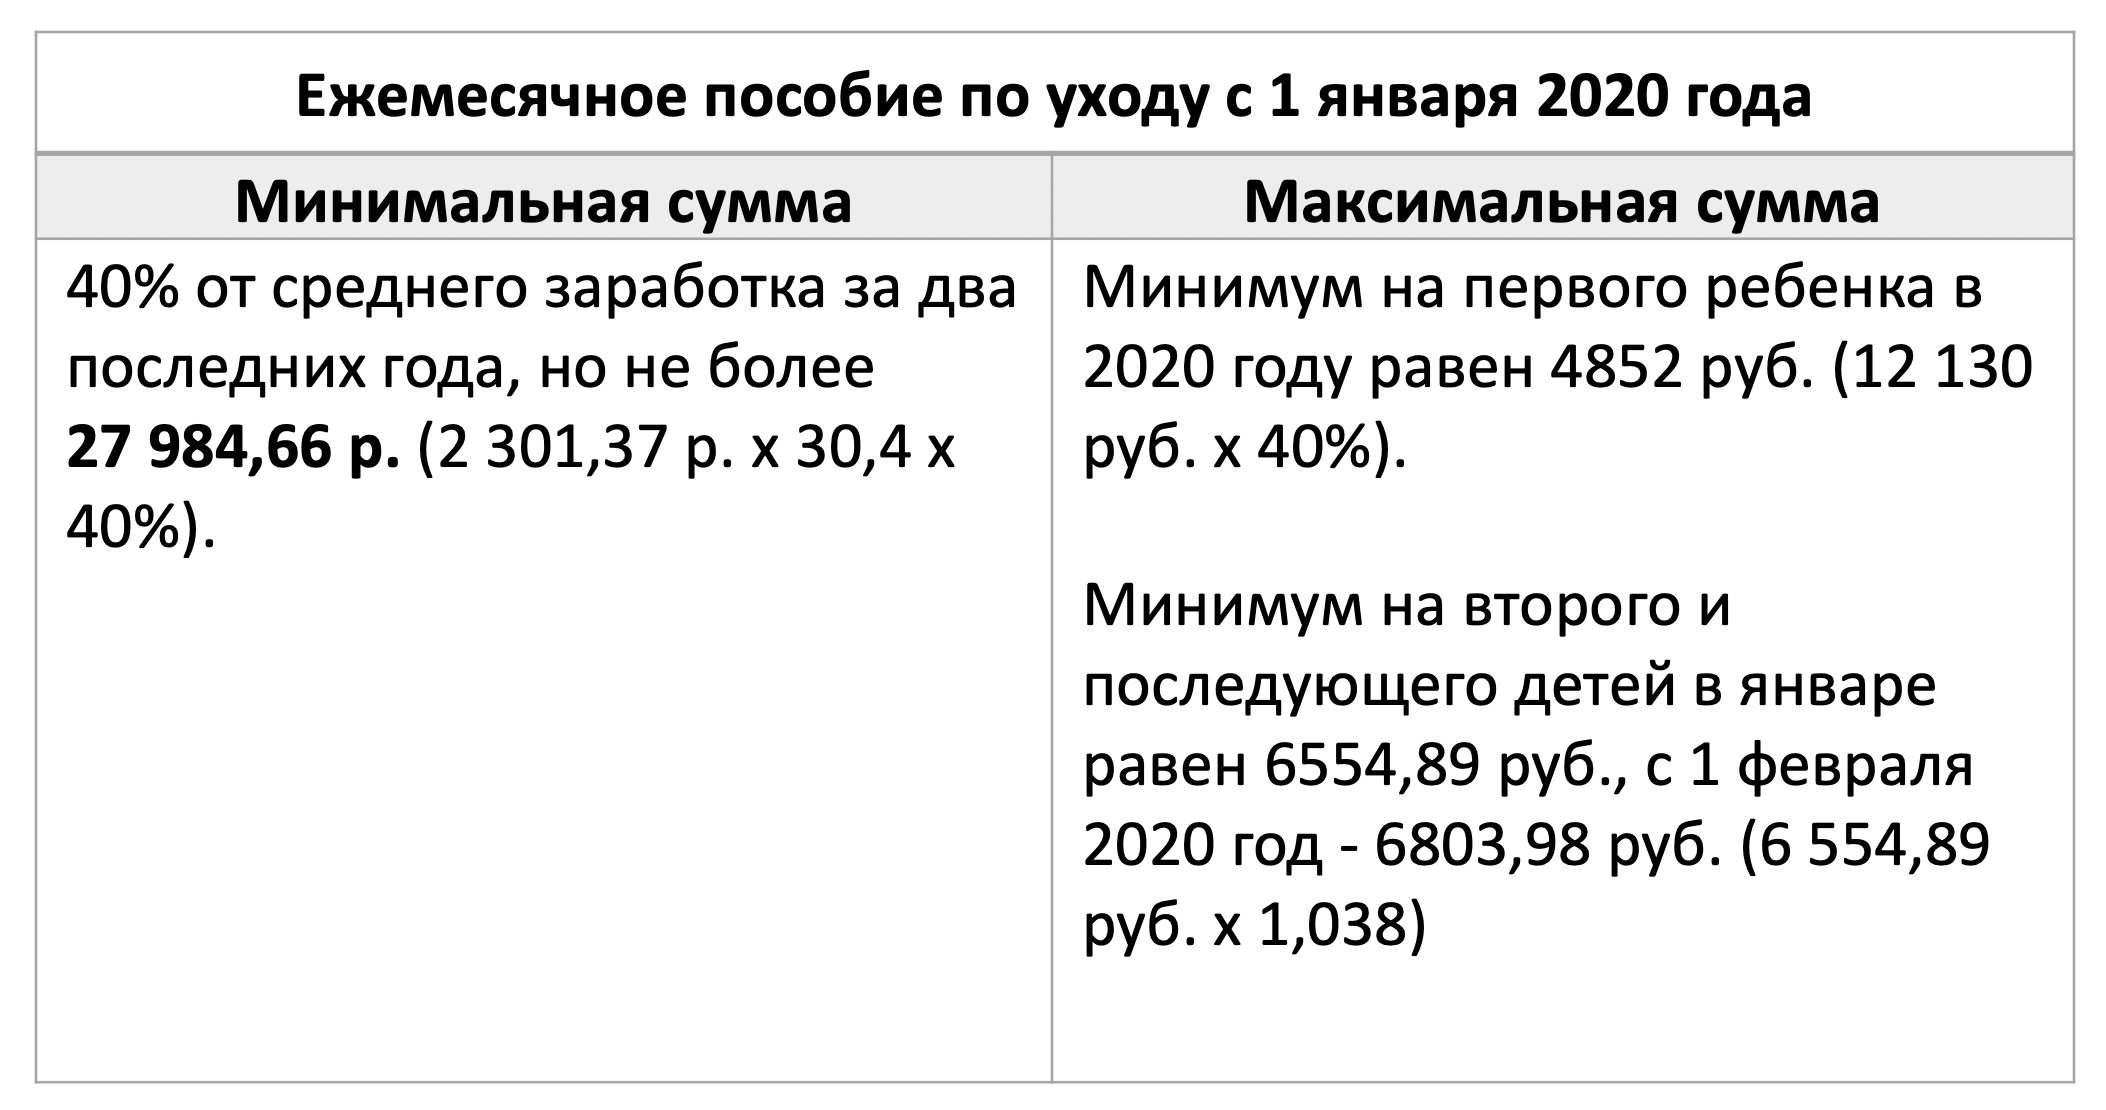 Ежемесячные детские пособия после 3 лет в 2020 году (изменения кому платятся)